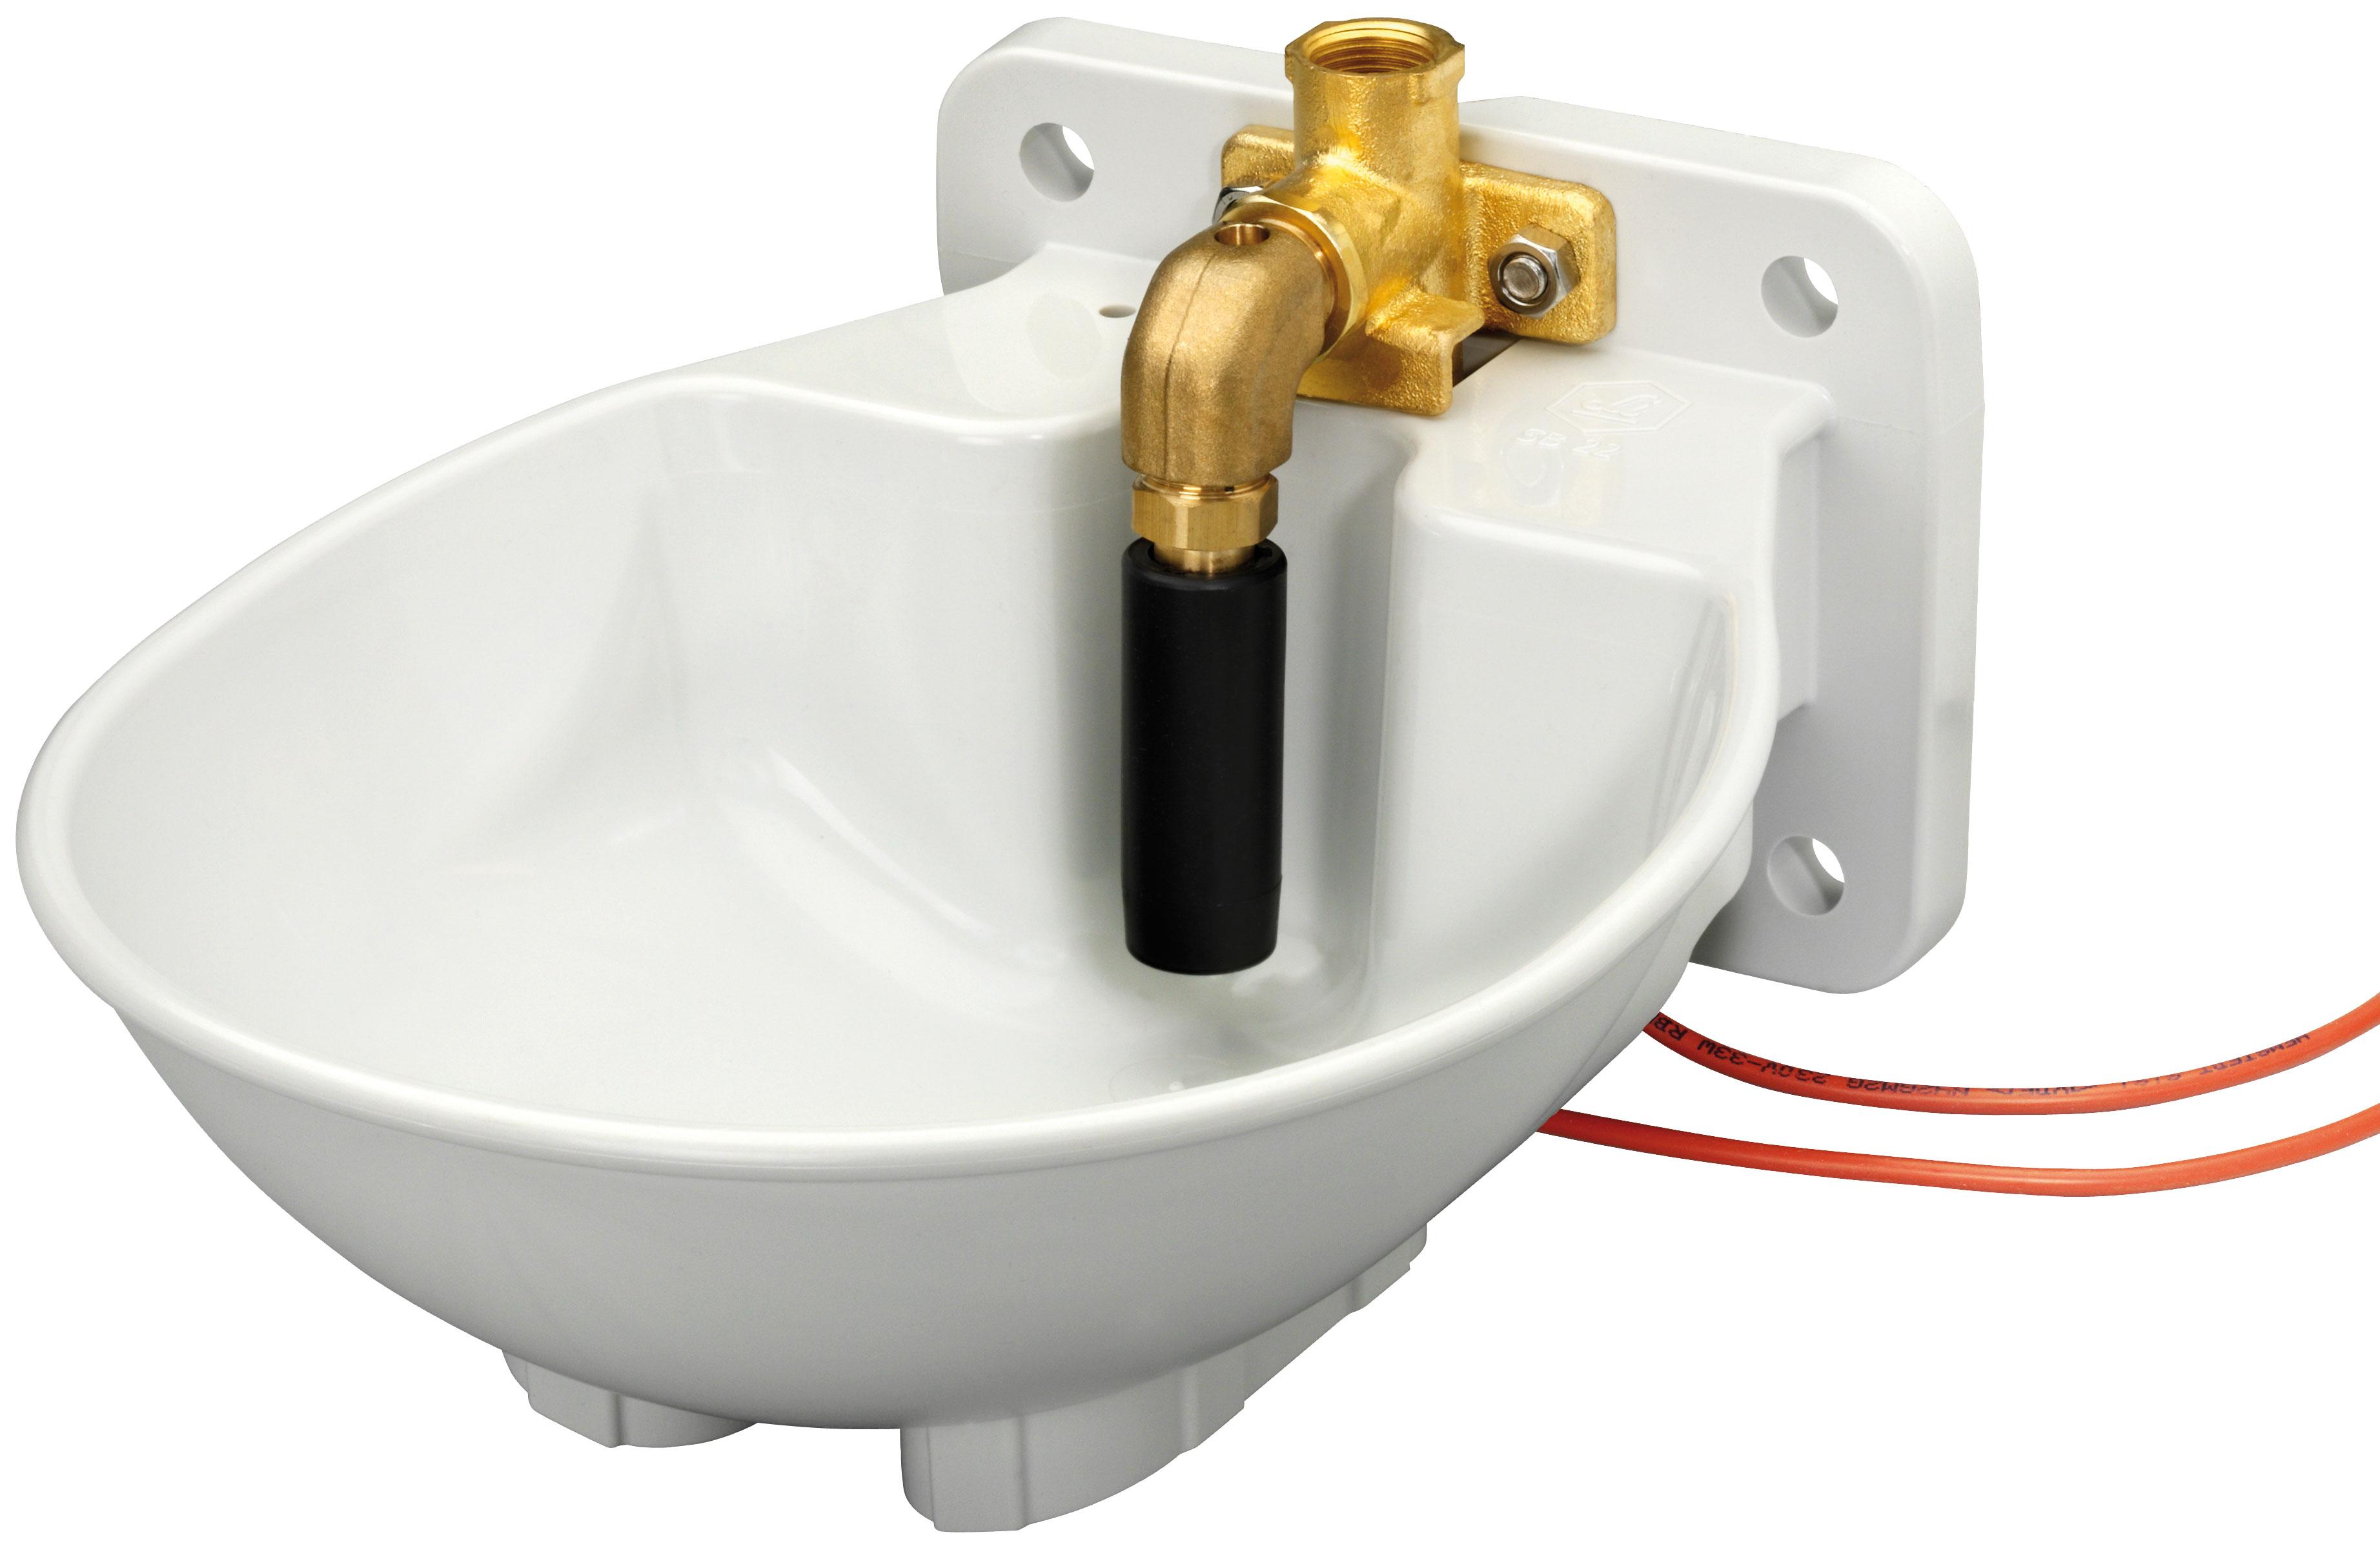 Tränkebecken SB 23 H BACTO® PROTECT mit Heizkabel 230 Volt / 33 Watt (Frostschutz bis ca. -20°C)